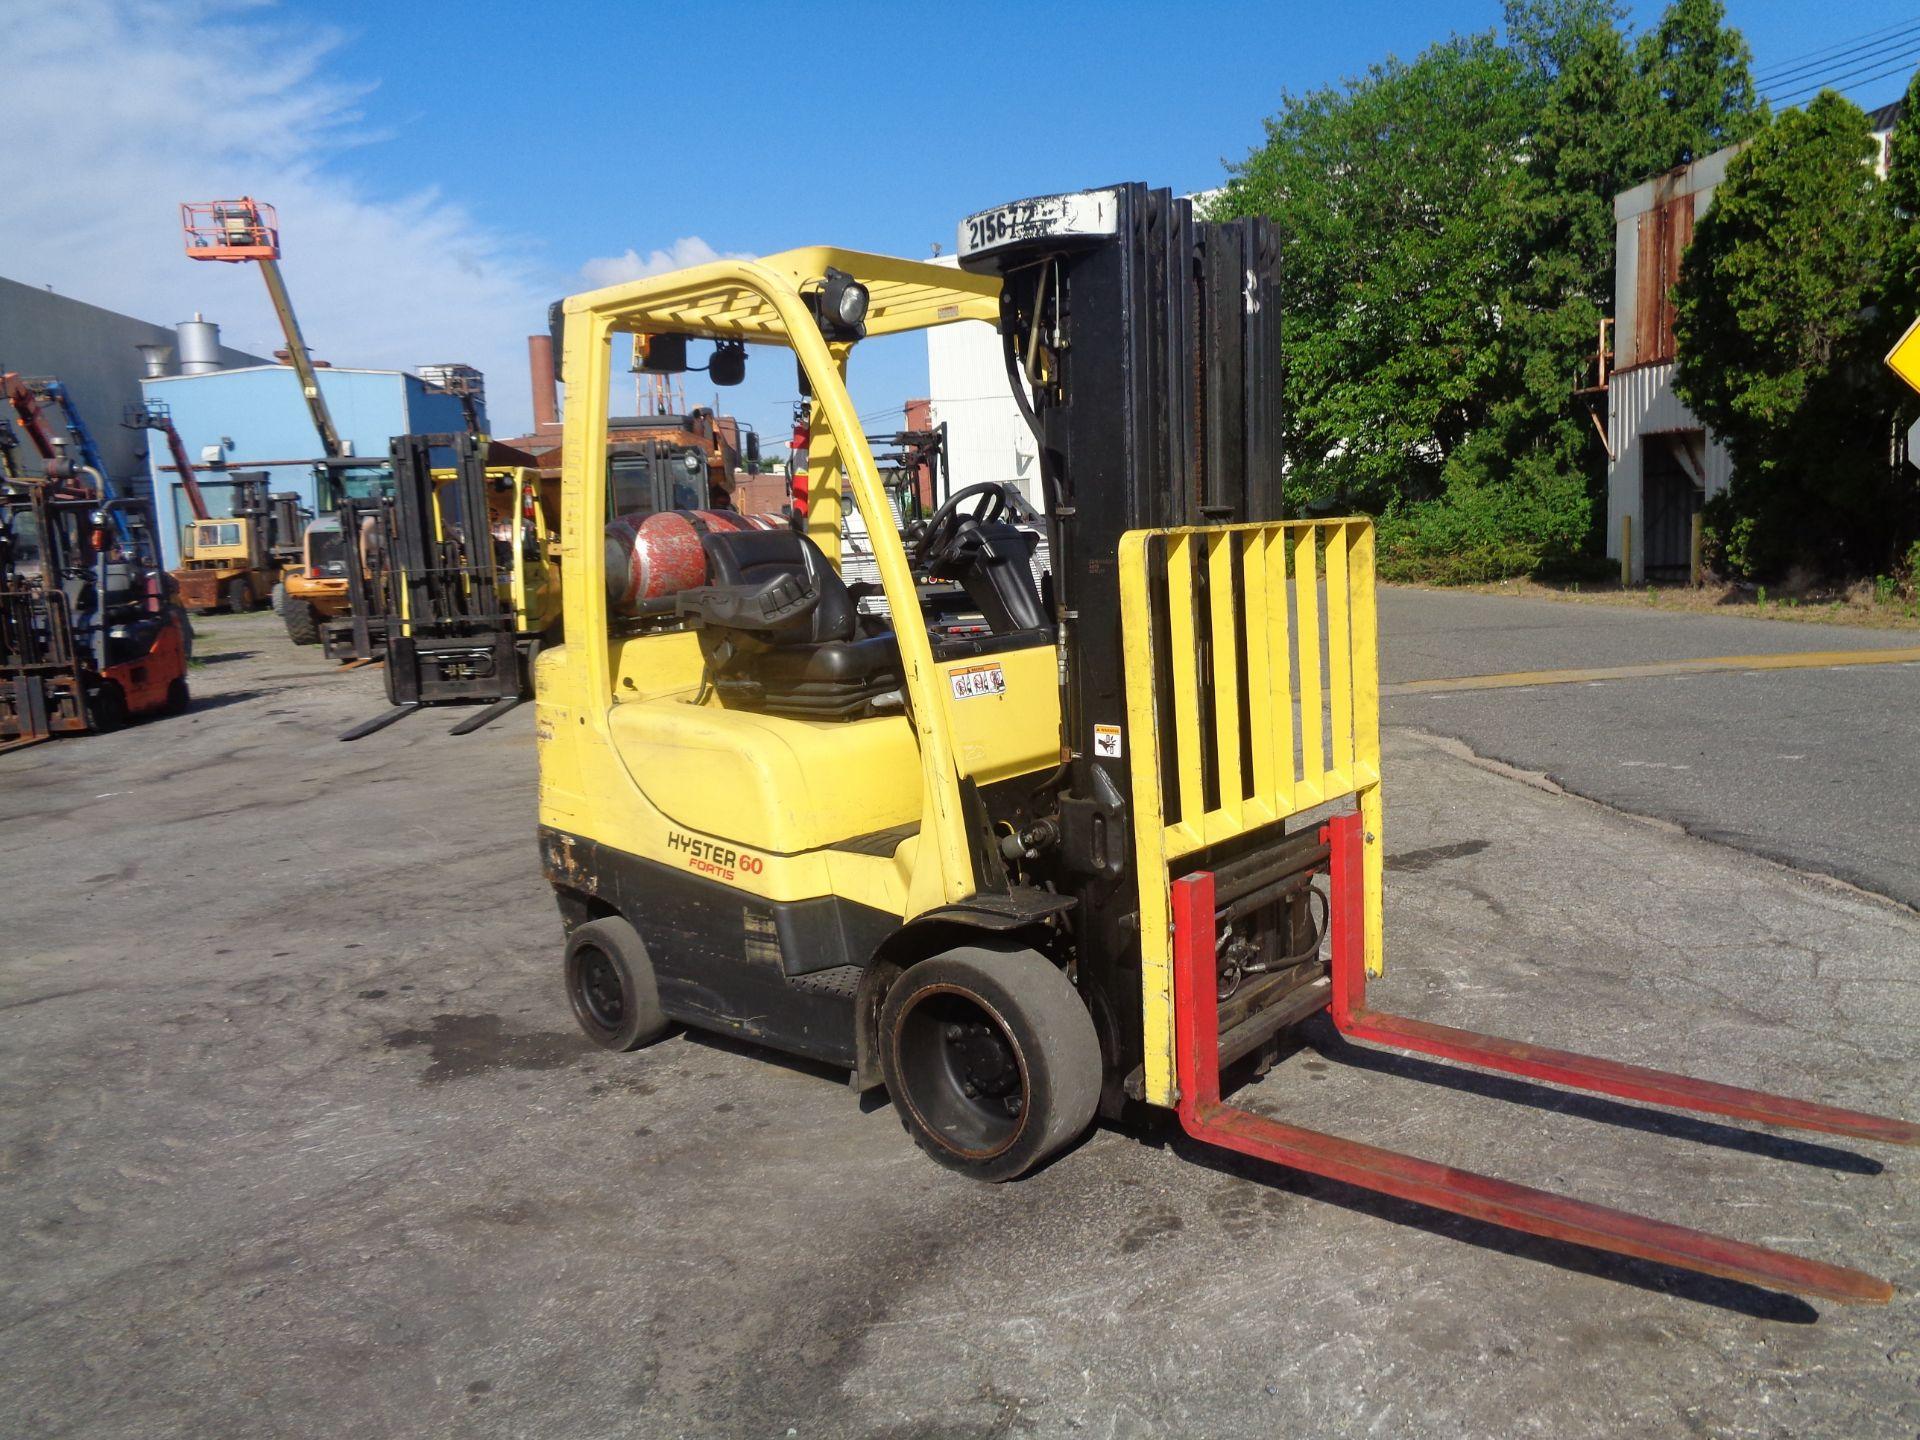 2012 Hyster S60FT 6,000lb Forklift - Quad Mast - Image 10 of 13